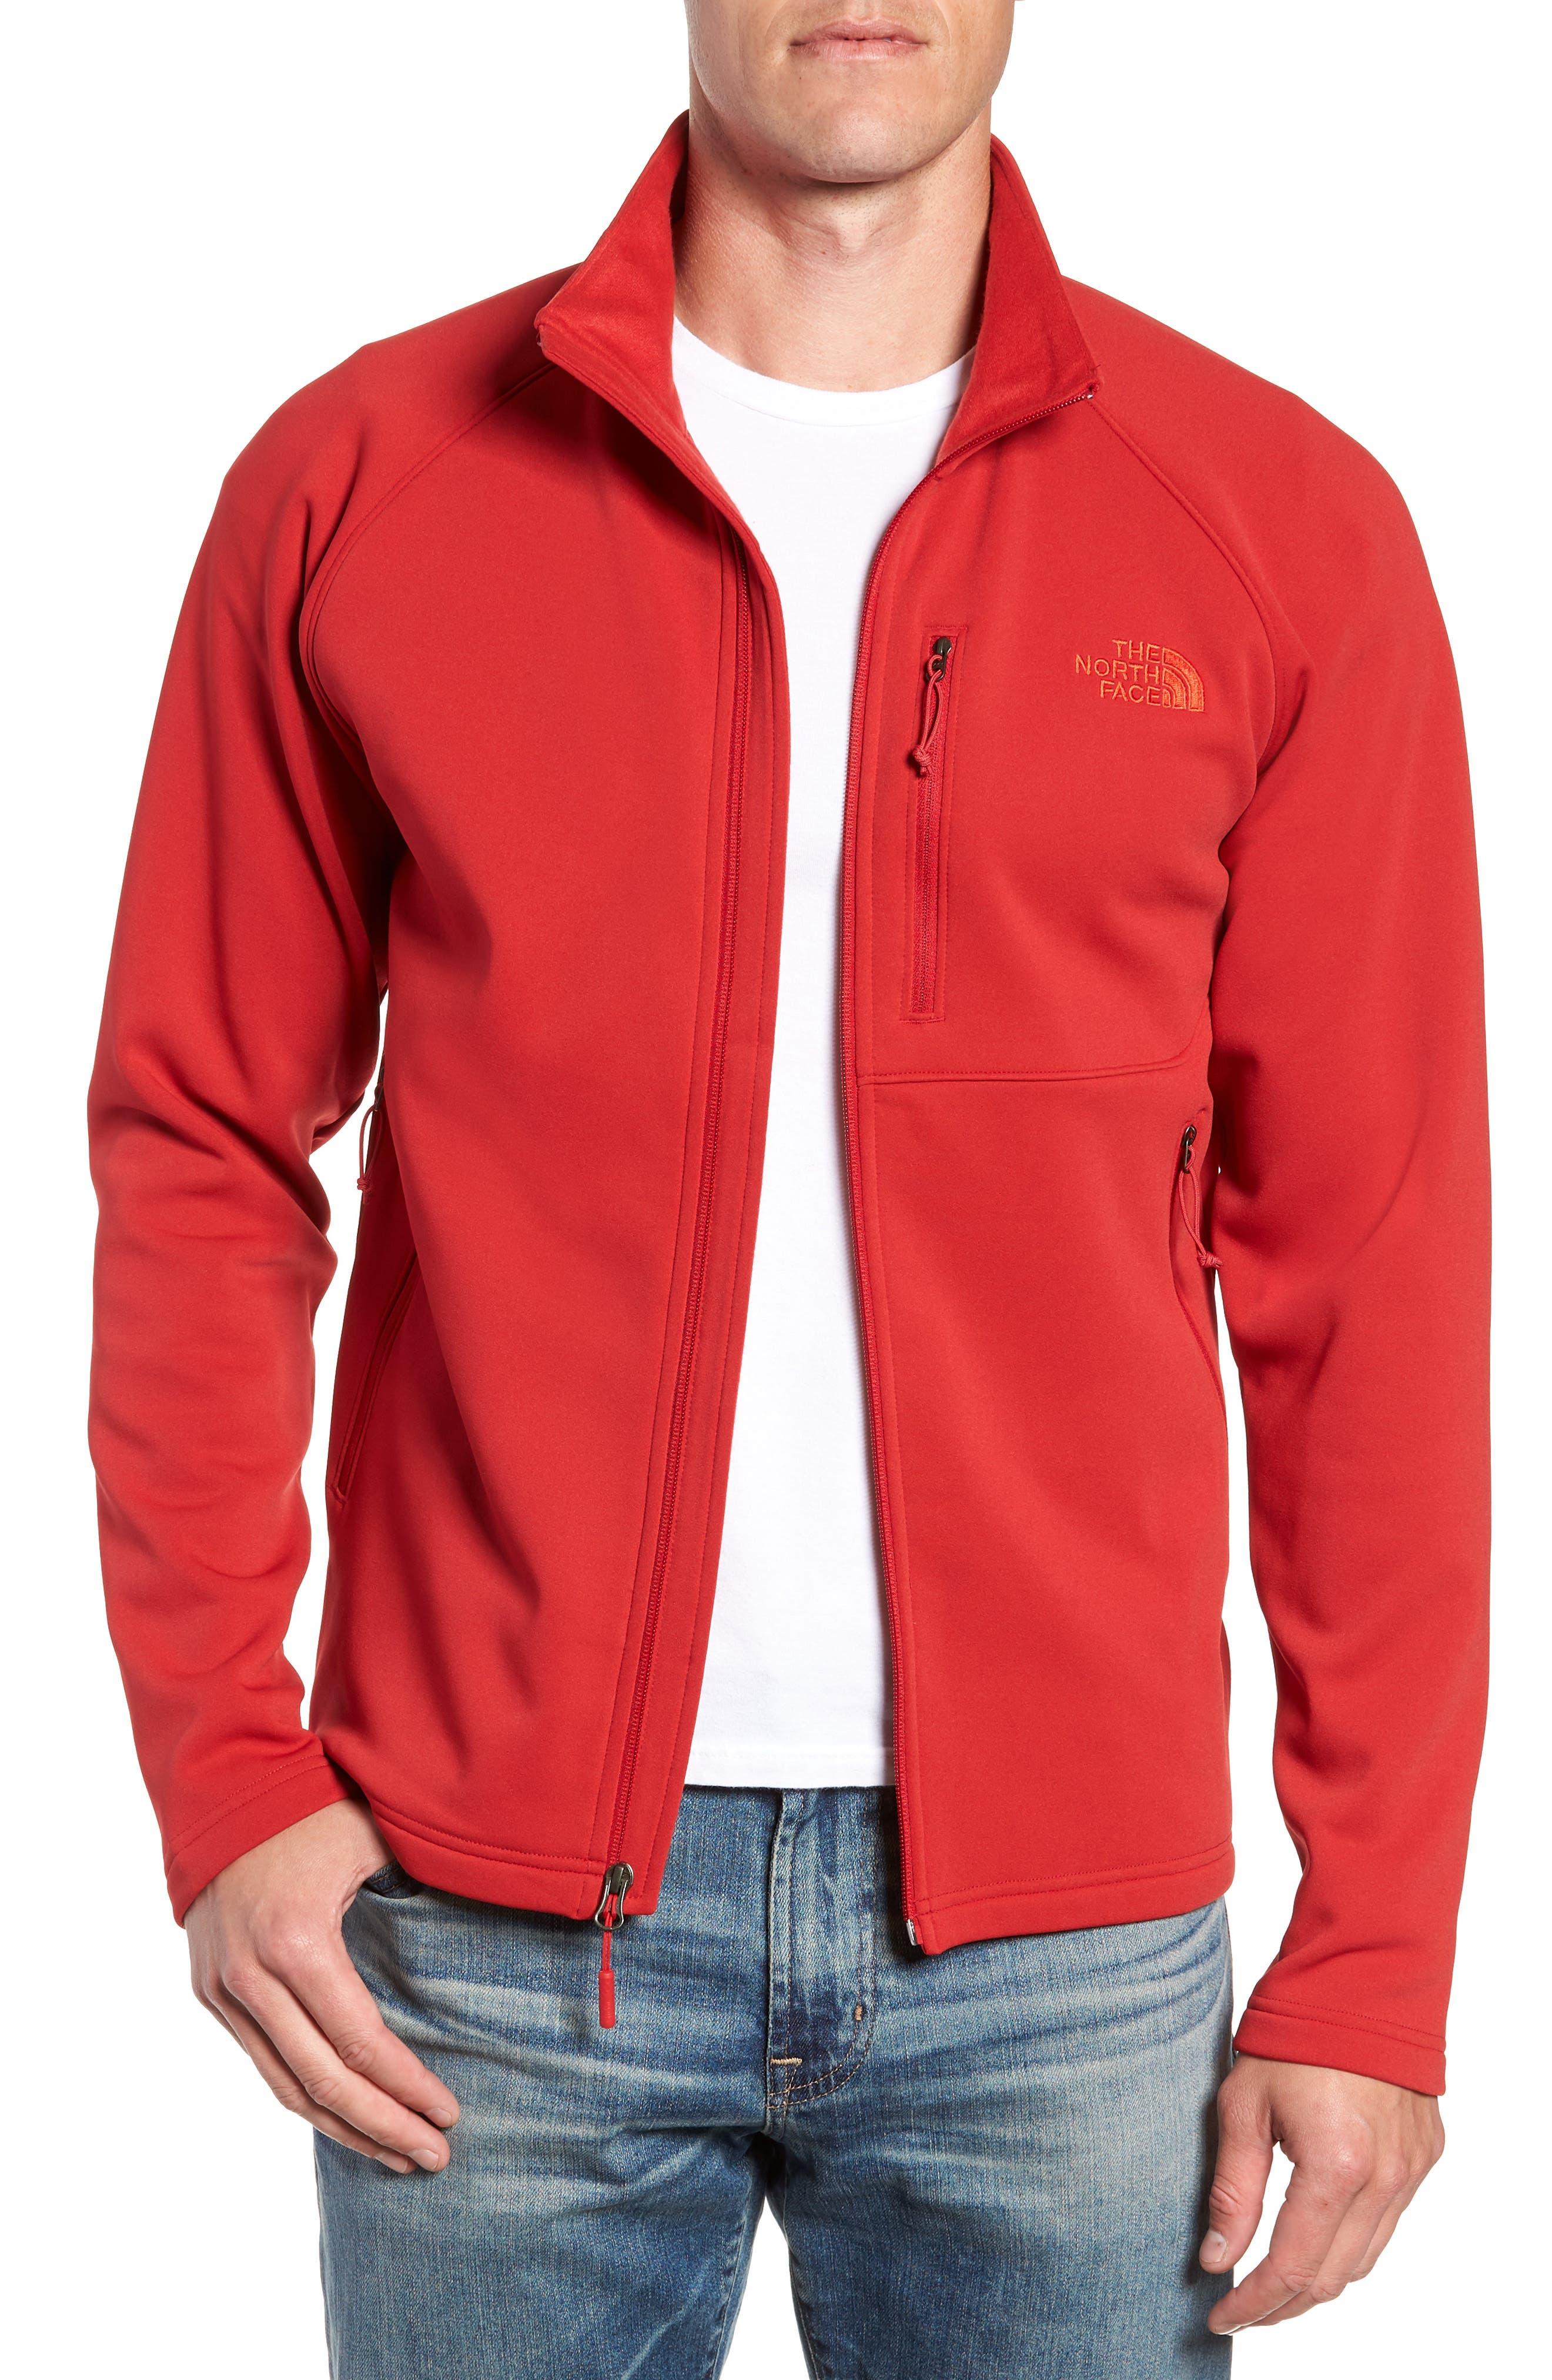 Tenacious Zip Jacket,                             Main thumbnail 1, color,                             RAGE RED